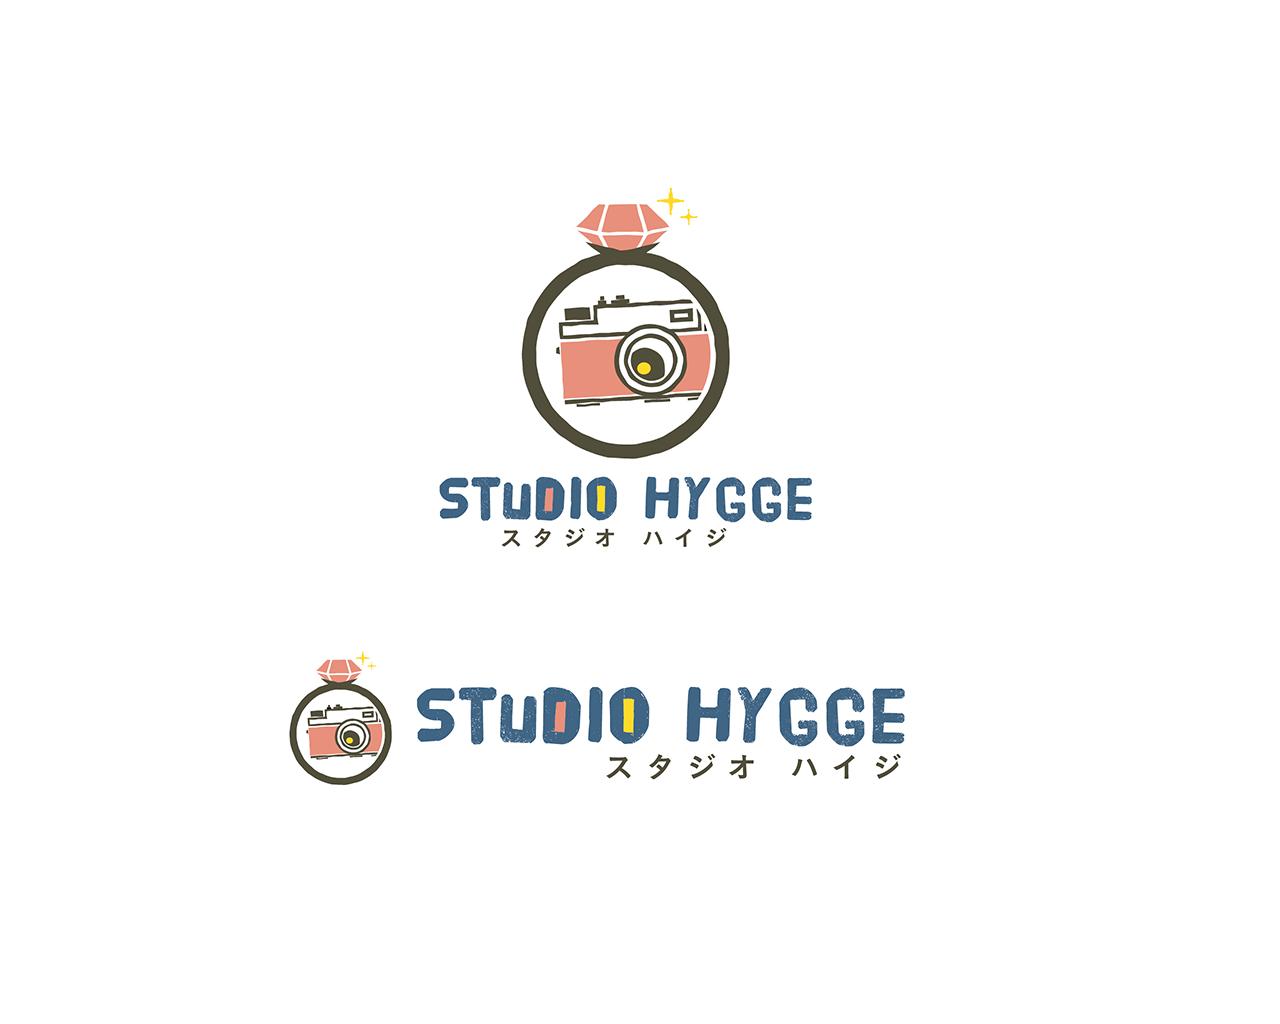 スタジオハイジ様(明日の株式会社様)